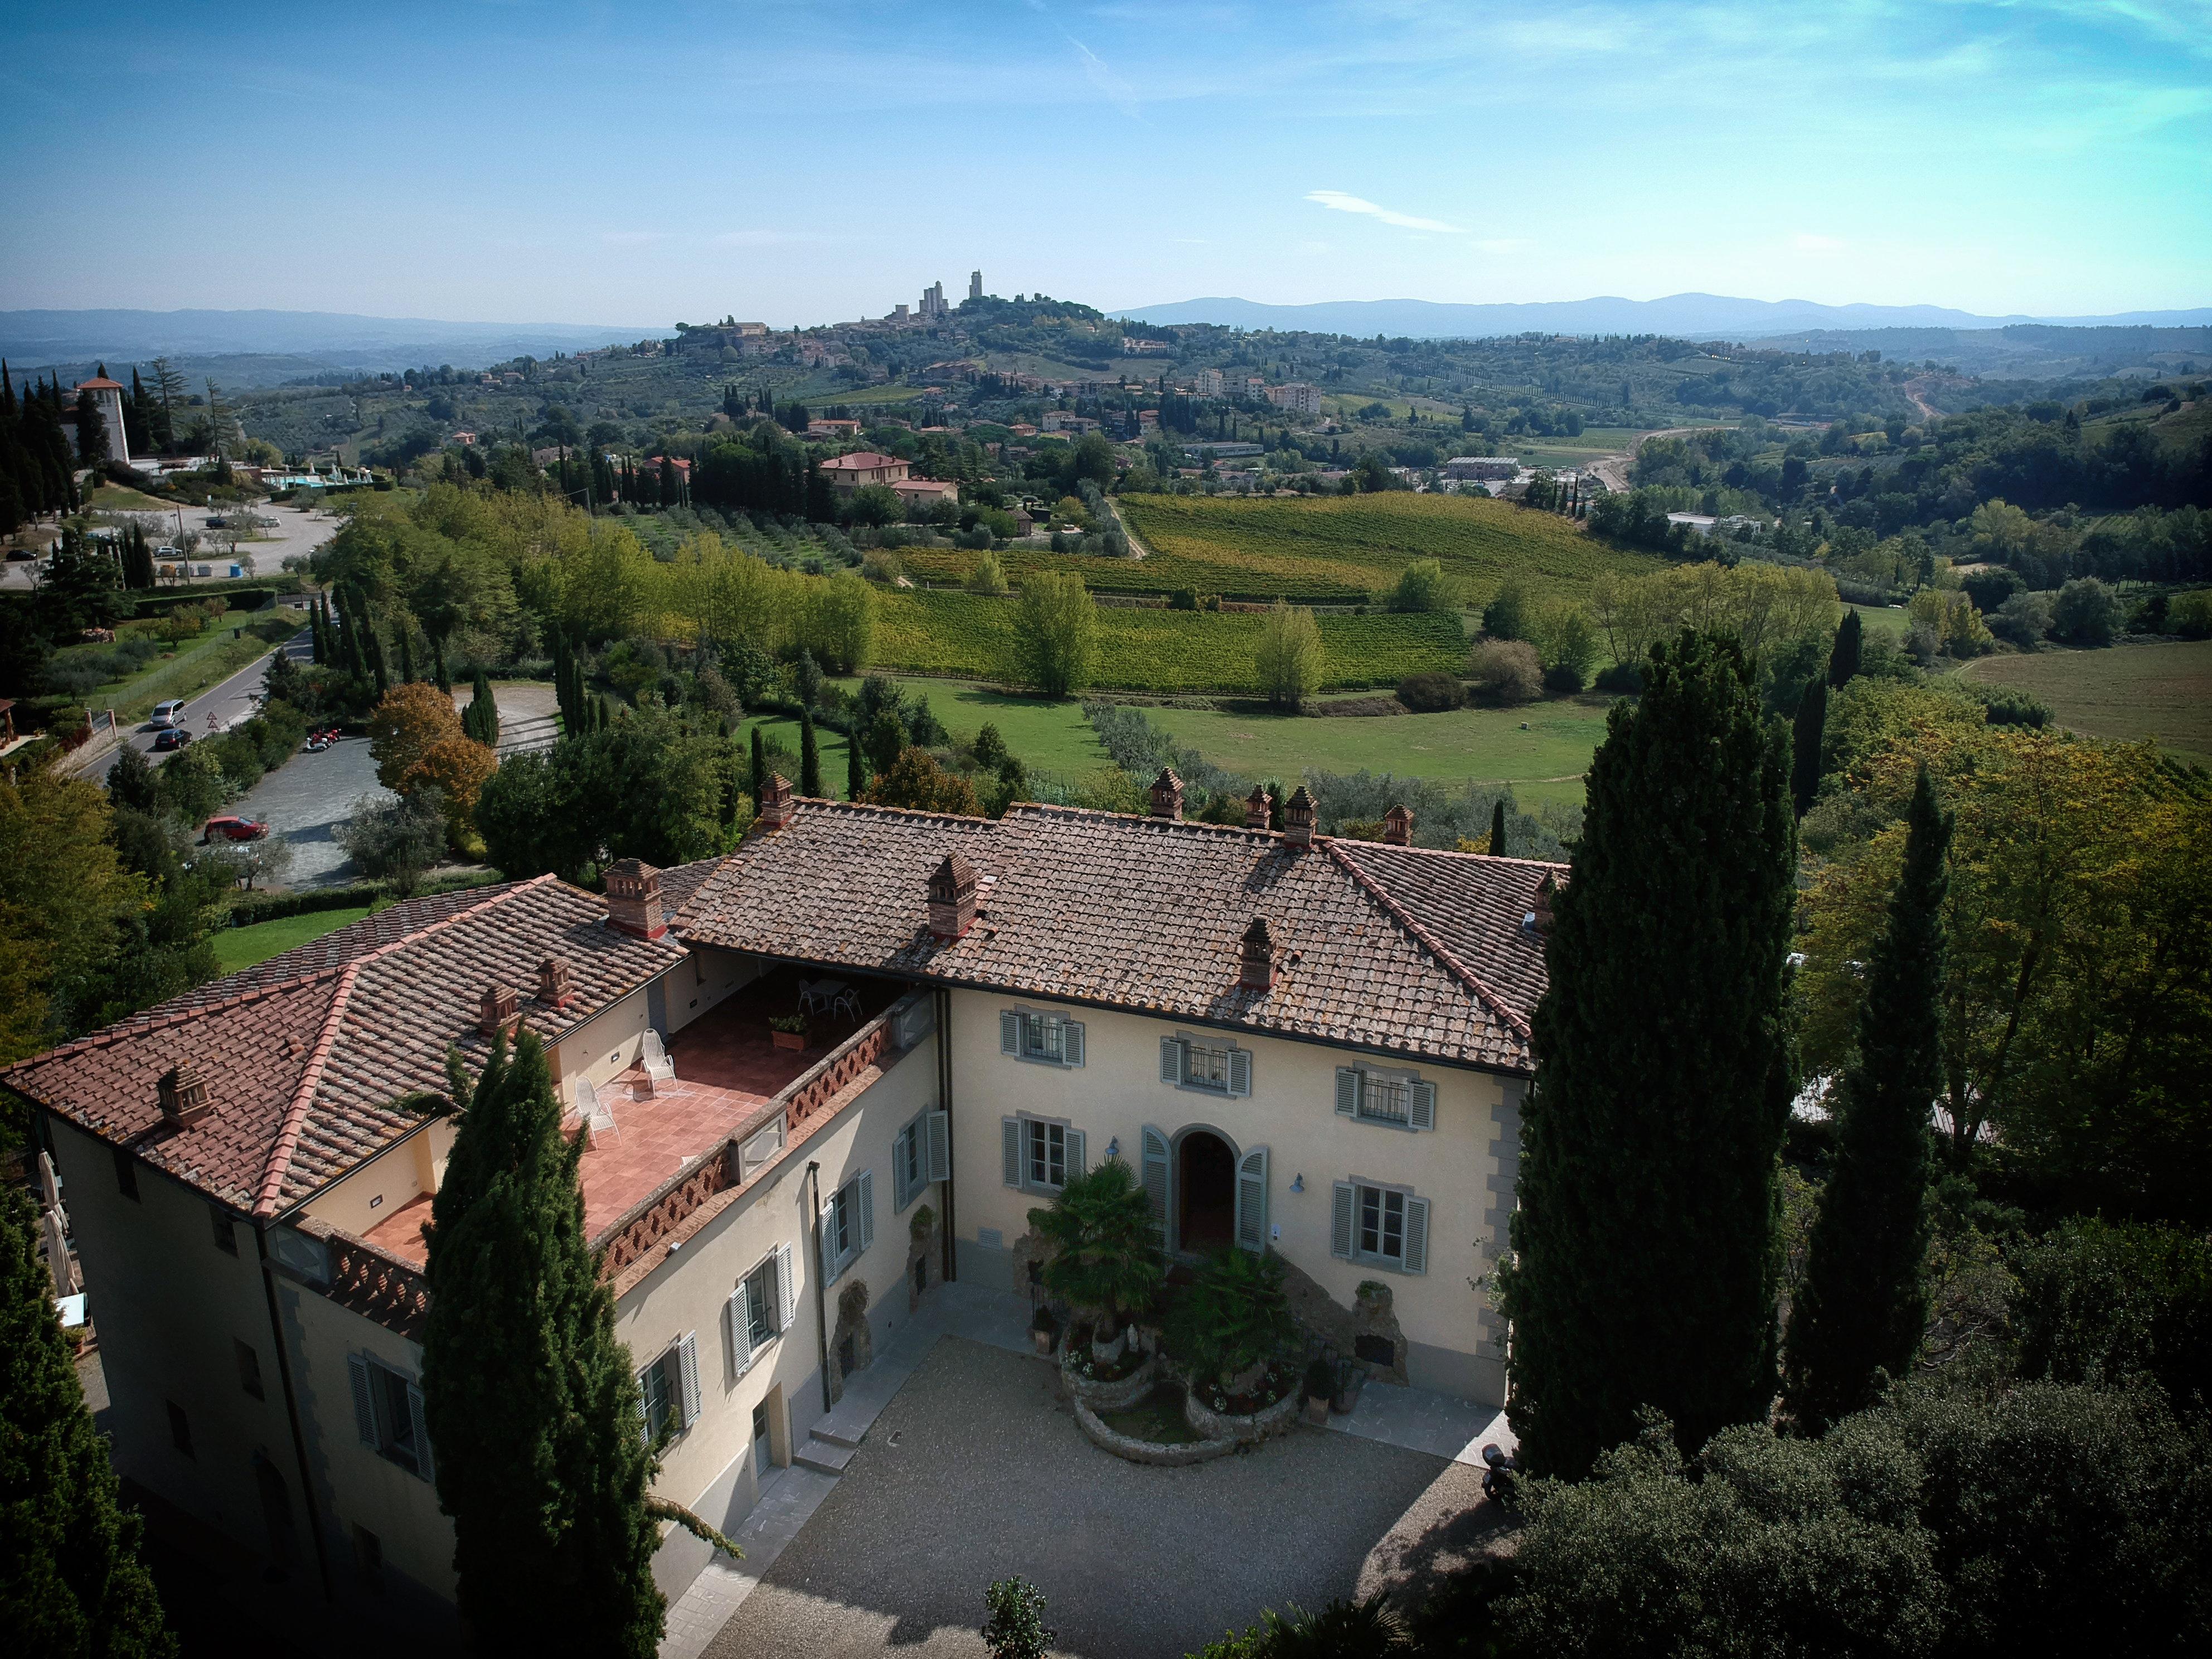 Finden Sie mit HRS Ihr Hotel in San Gimignano